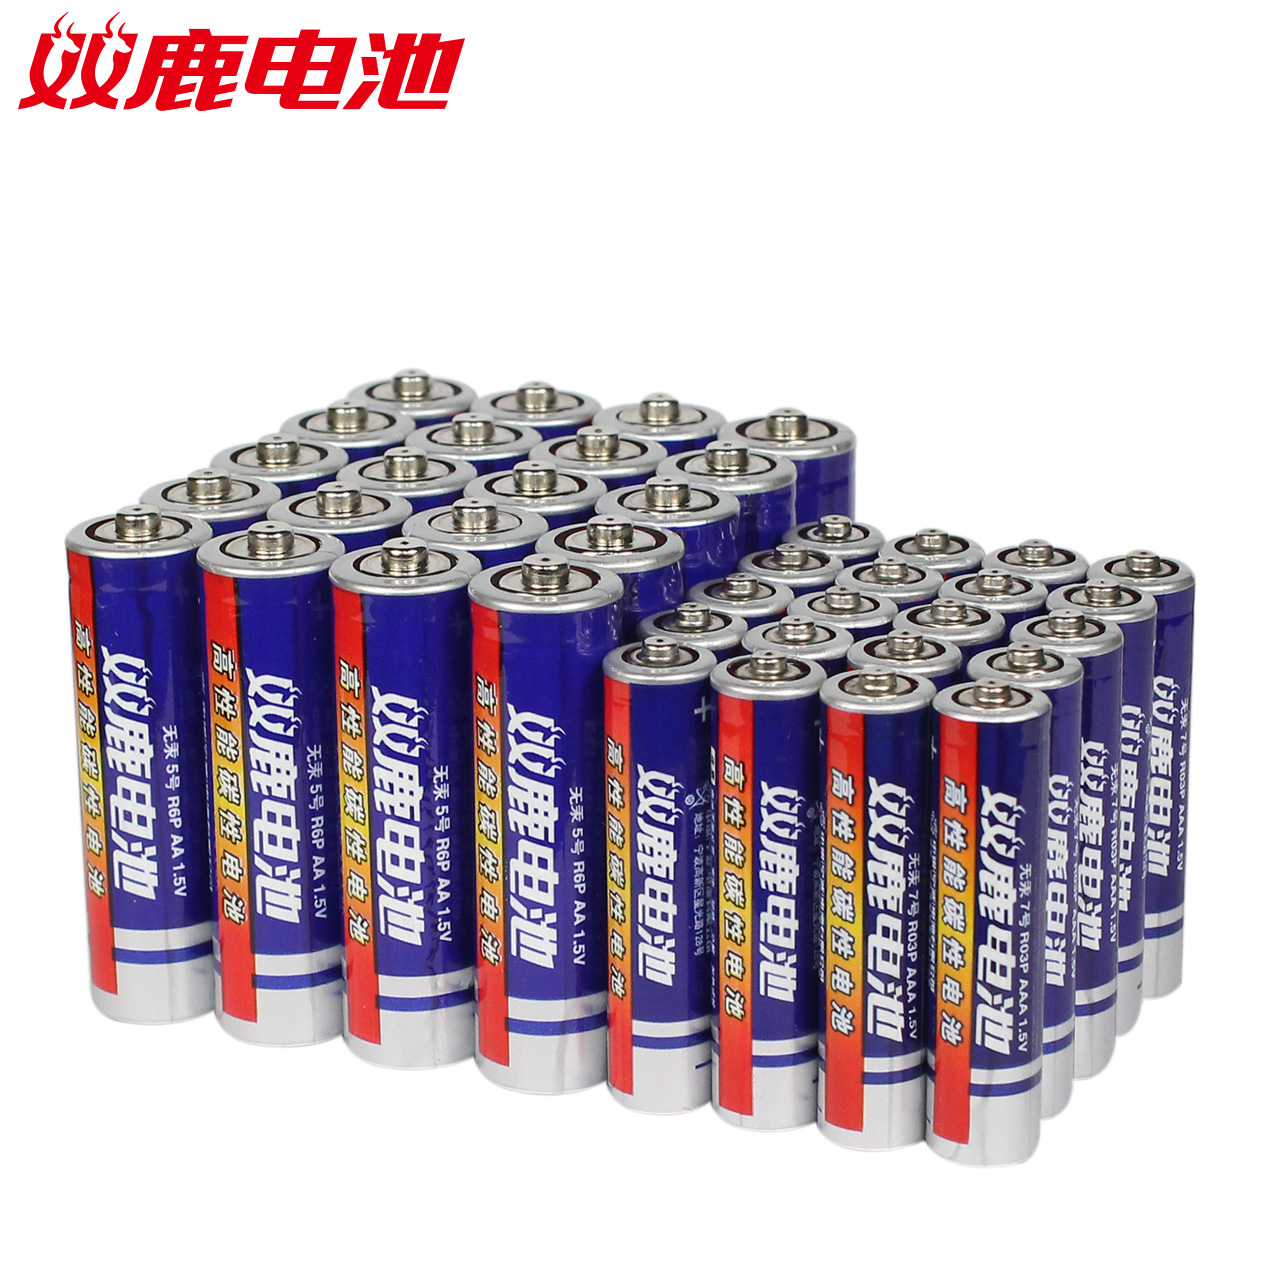 双鹿五号七号电池40粒